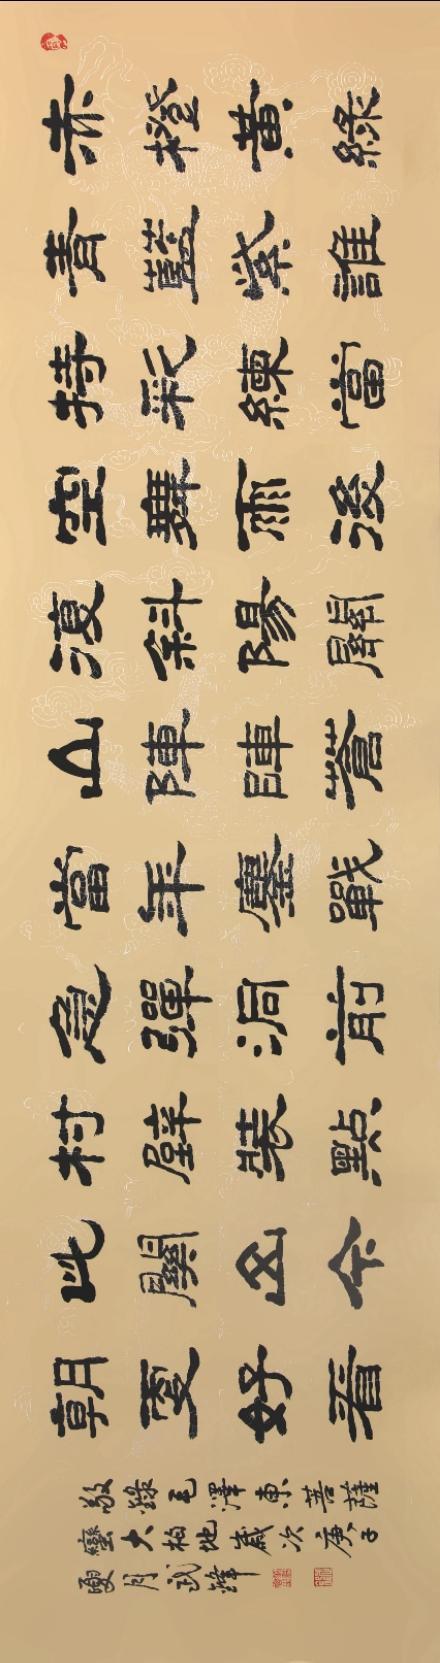 毛泽东的长征诗,庆祝建军节书毛主席两首歌颂长征词(每日一品第832期)